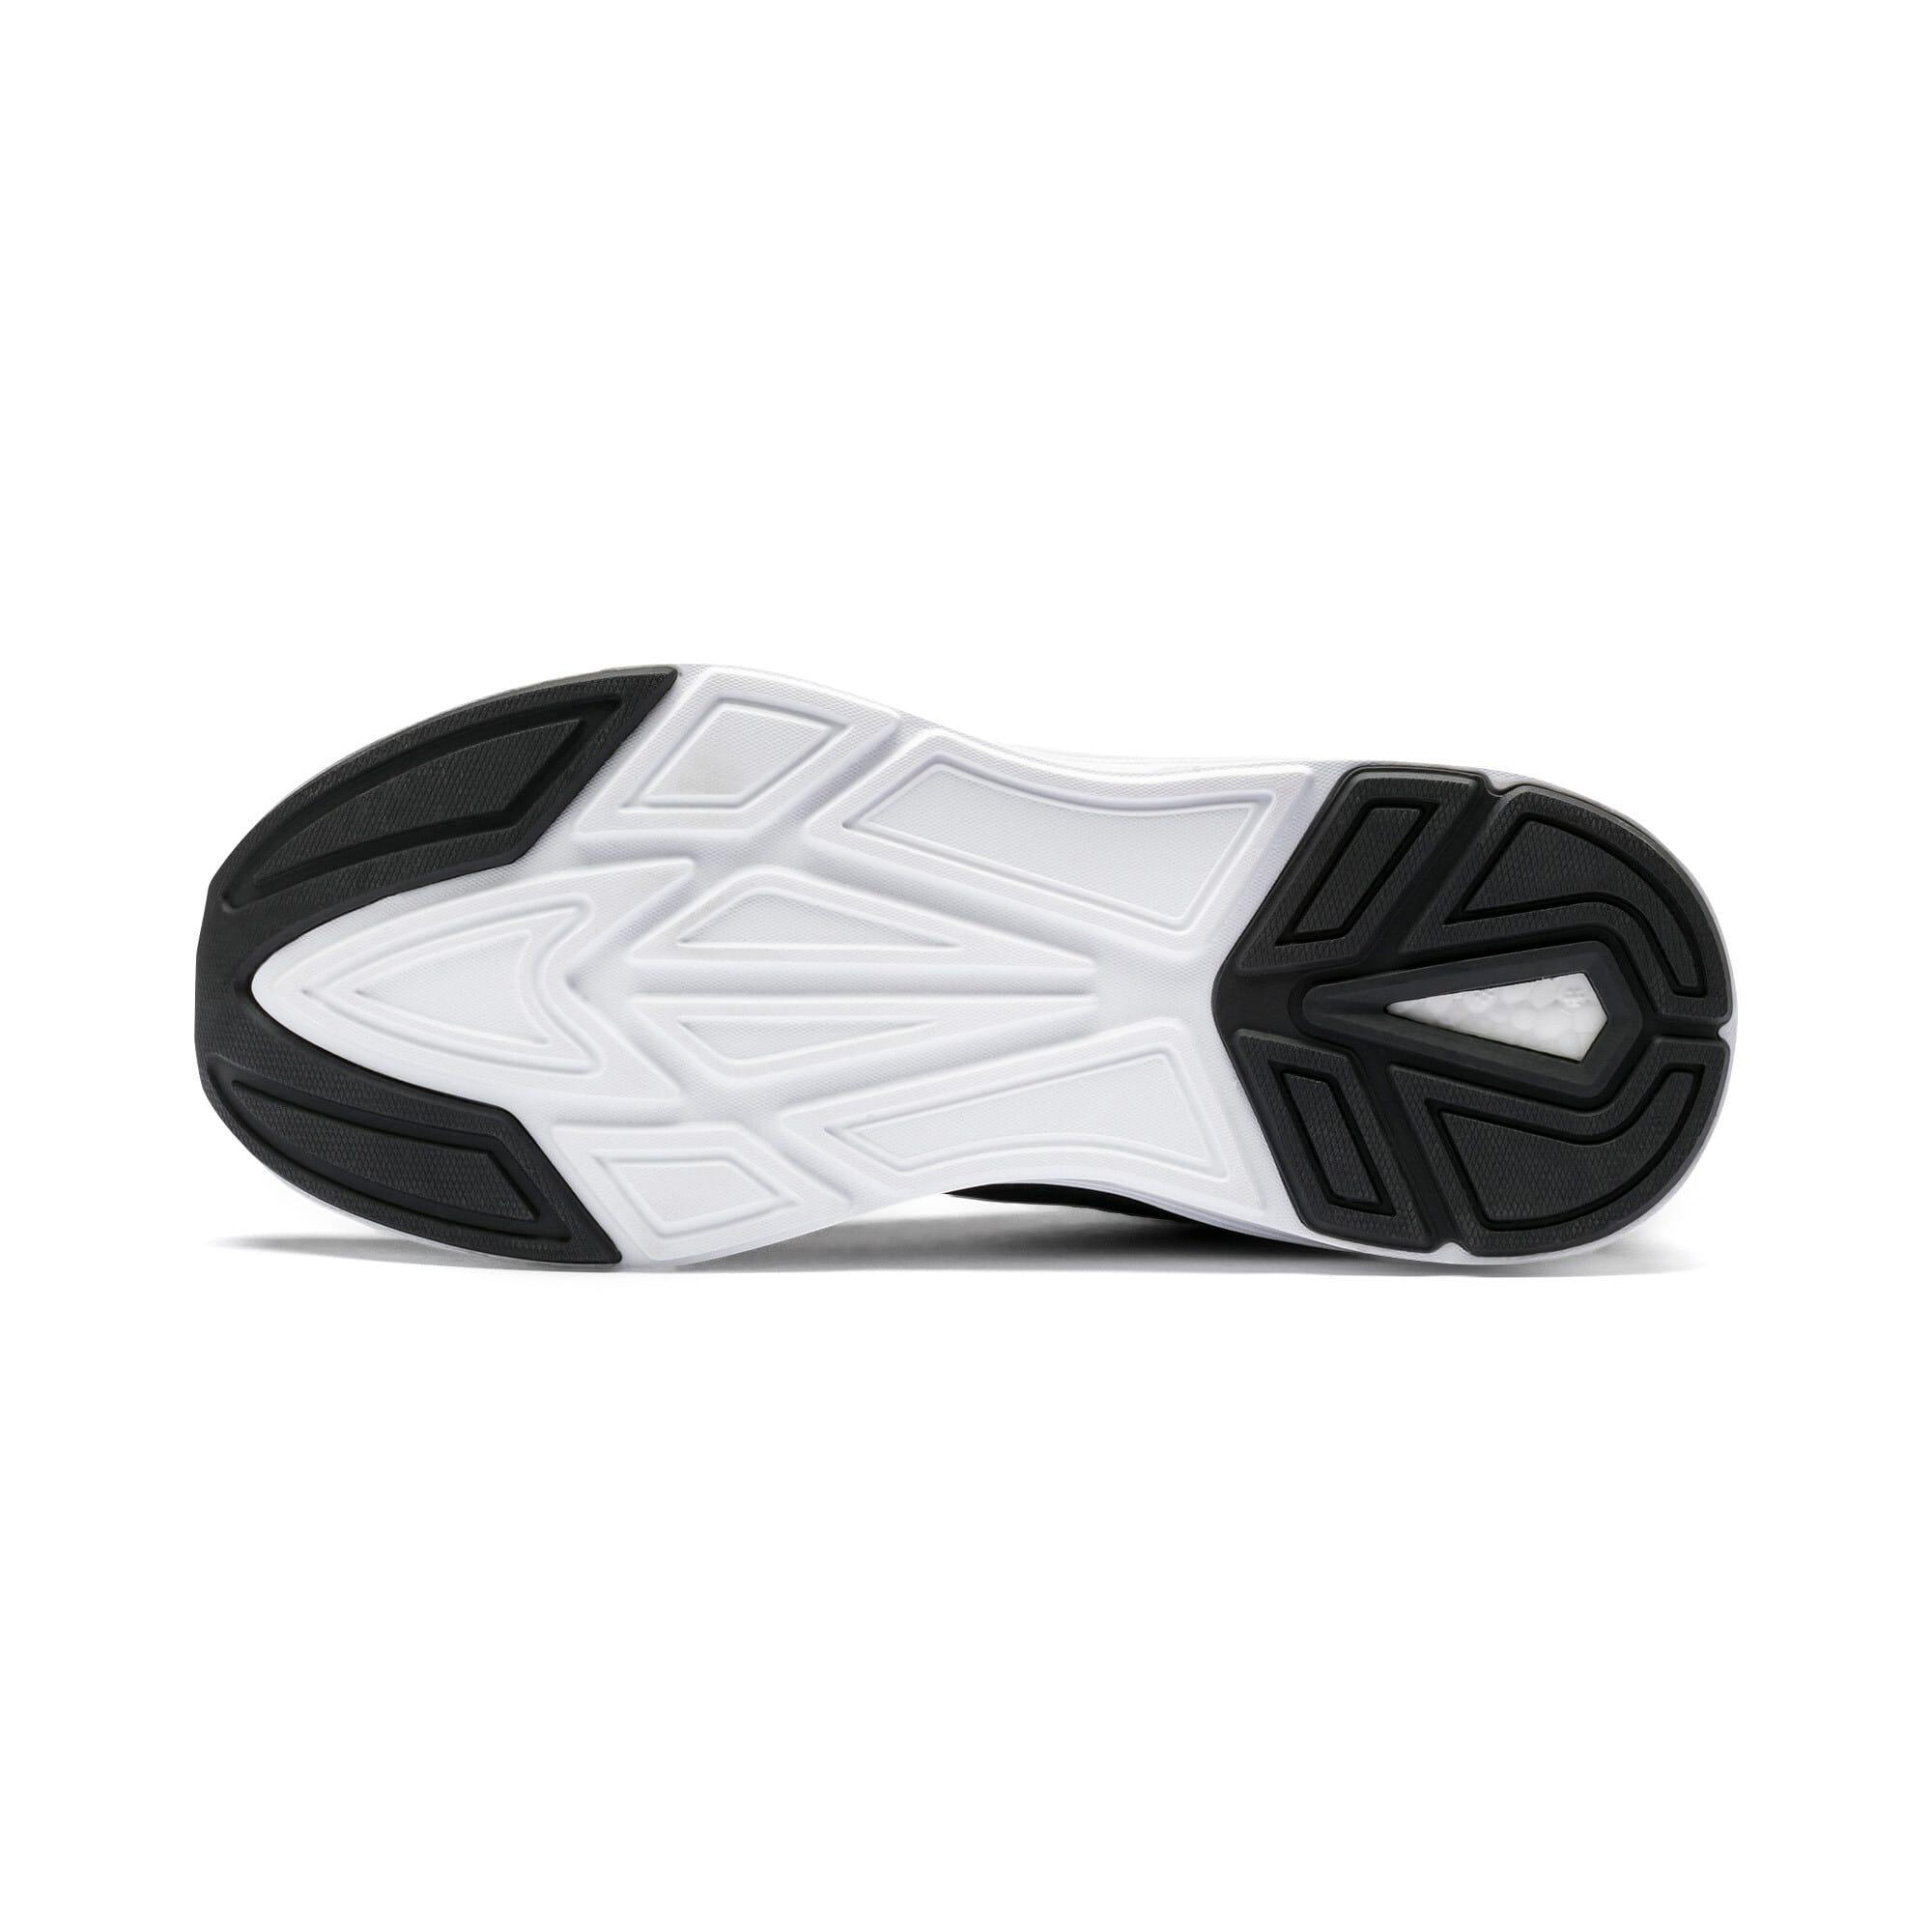 Miniatura 4 de Zapatos para correr NRGY Comet, Puma Black-Puma White, mediano